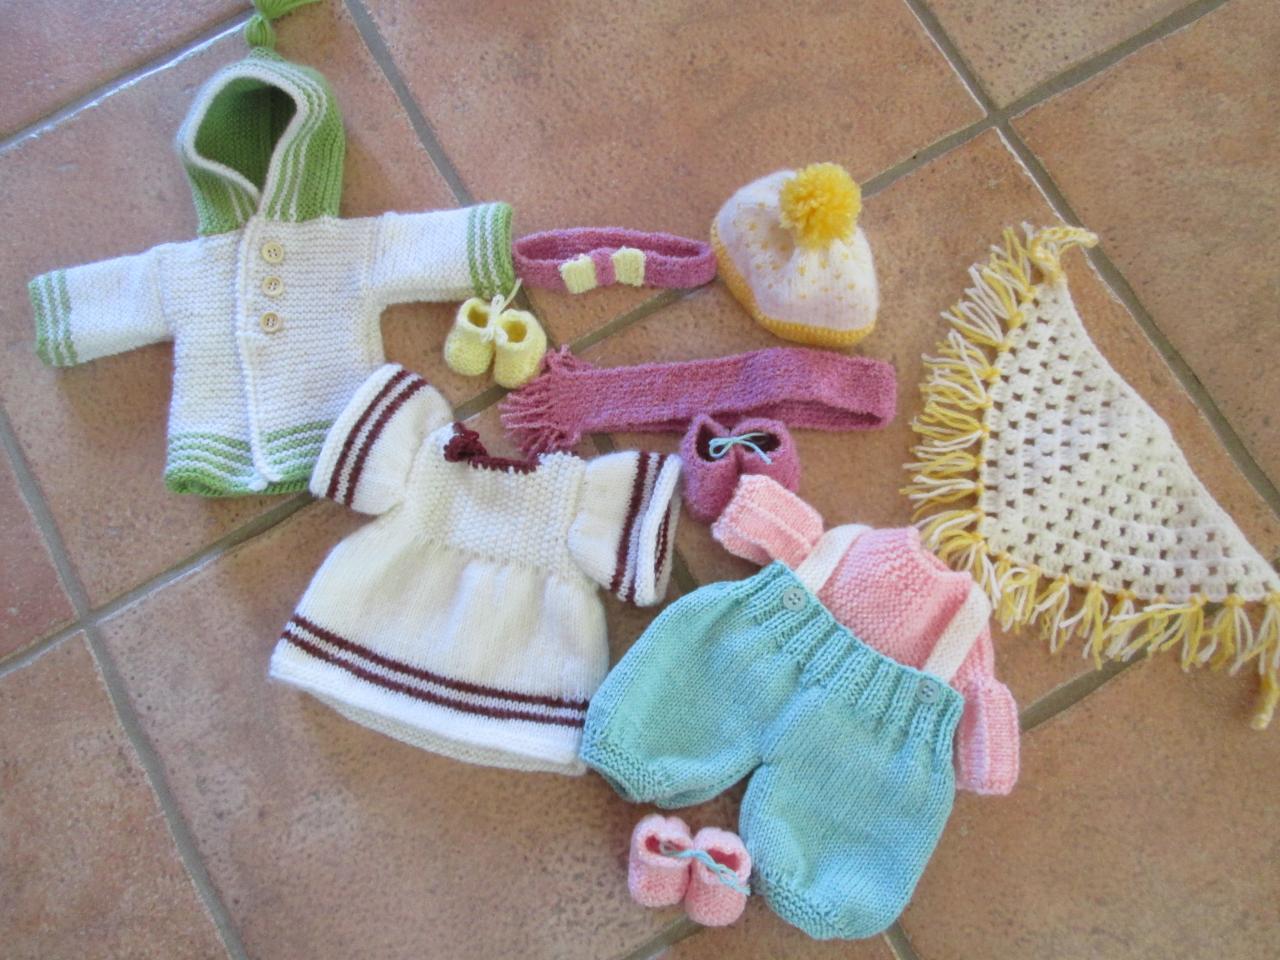 jouets et accessoires poupées en laine